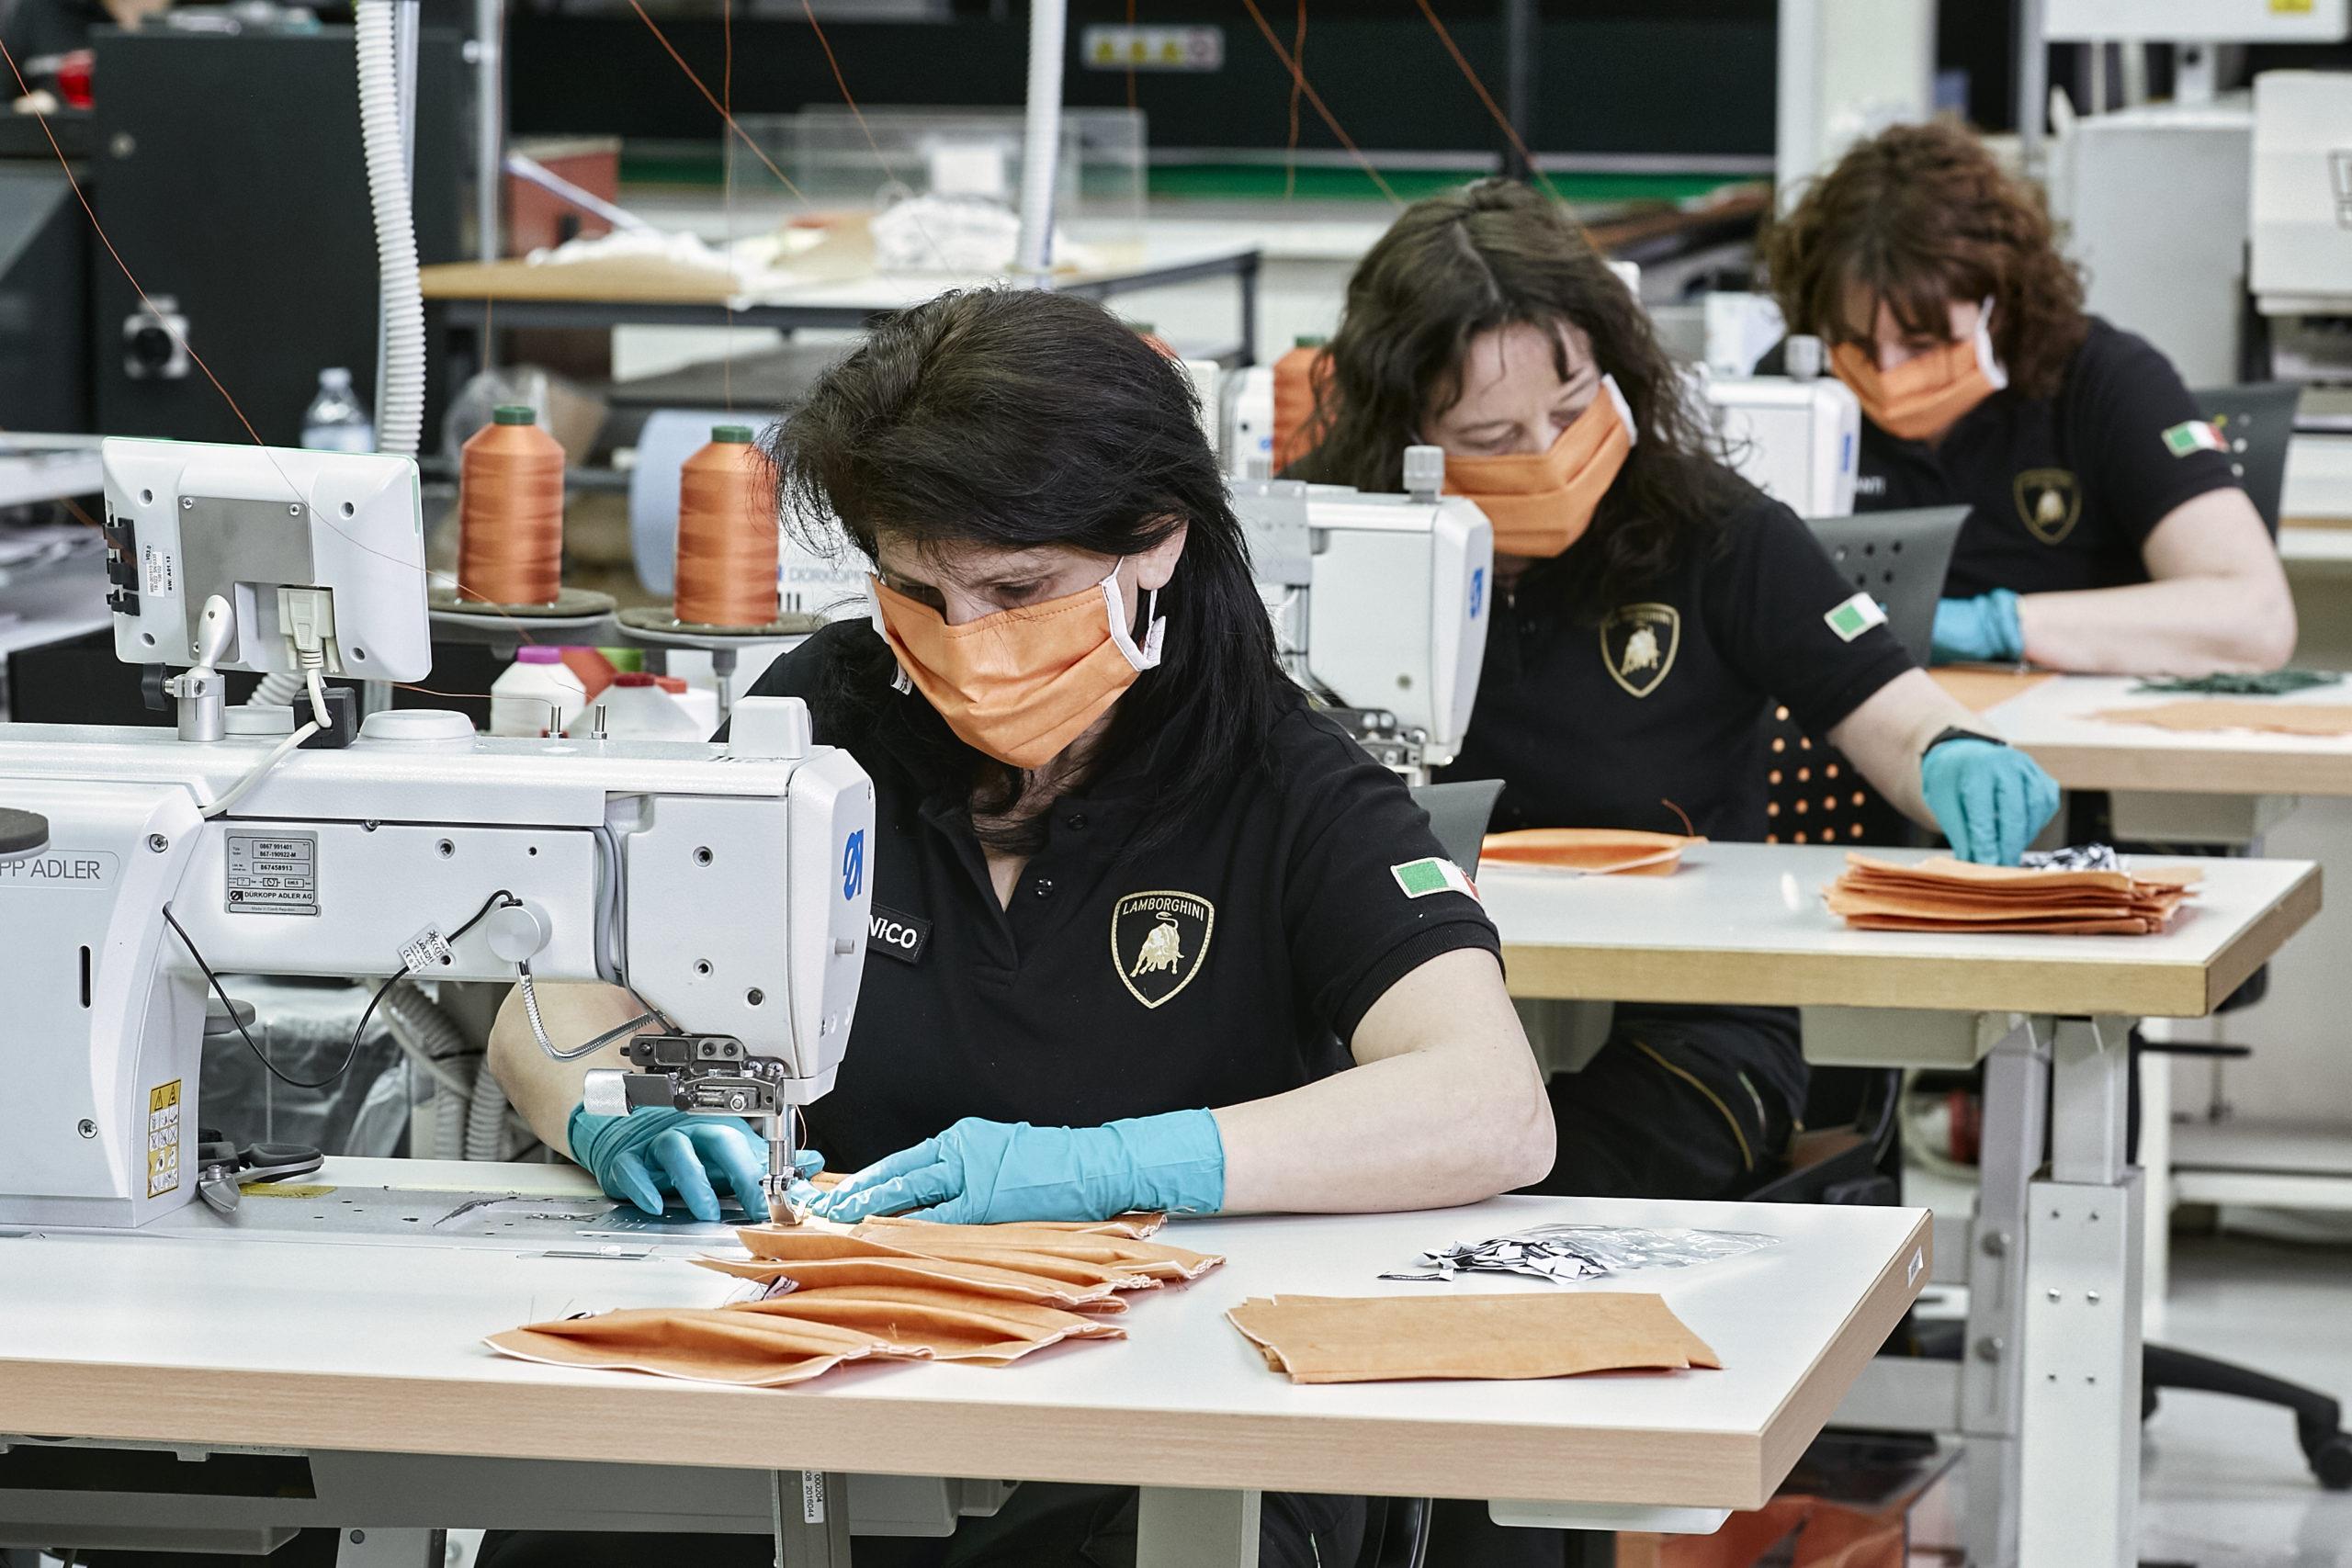 Lamborghini converte la fabbrica di Sant'Agata alla produzione di mascherine.